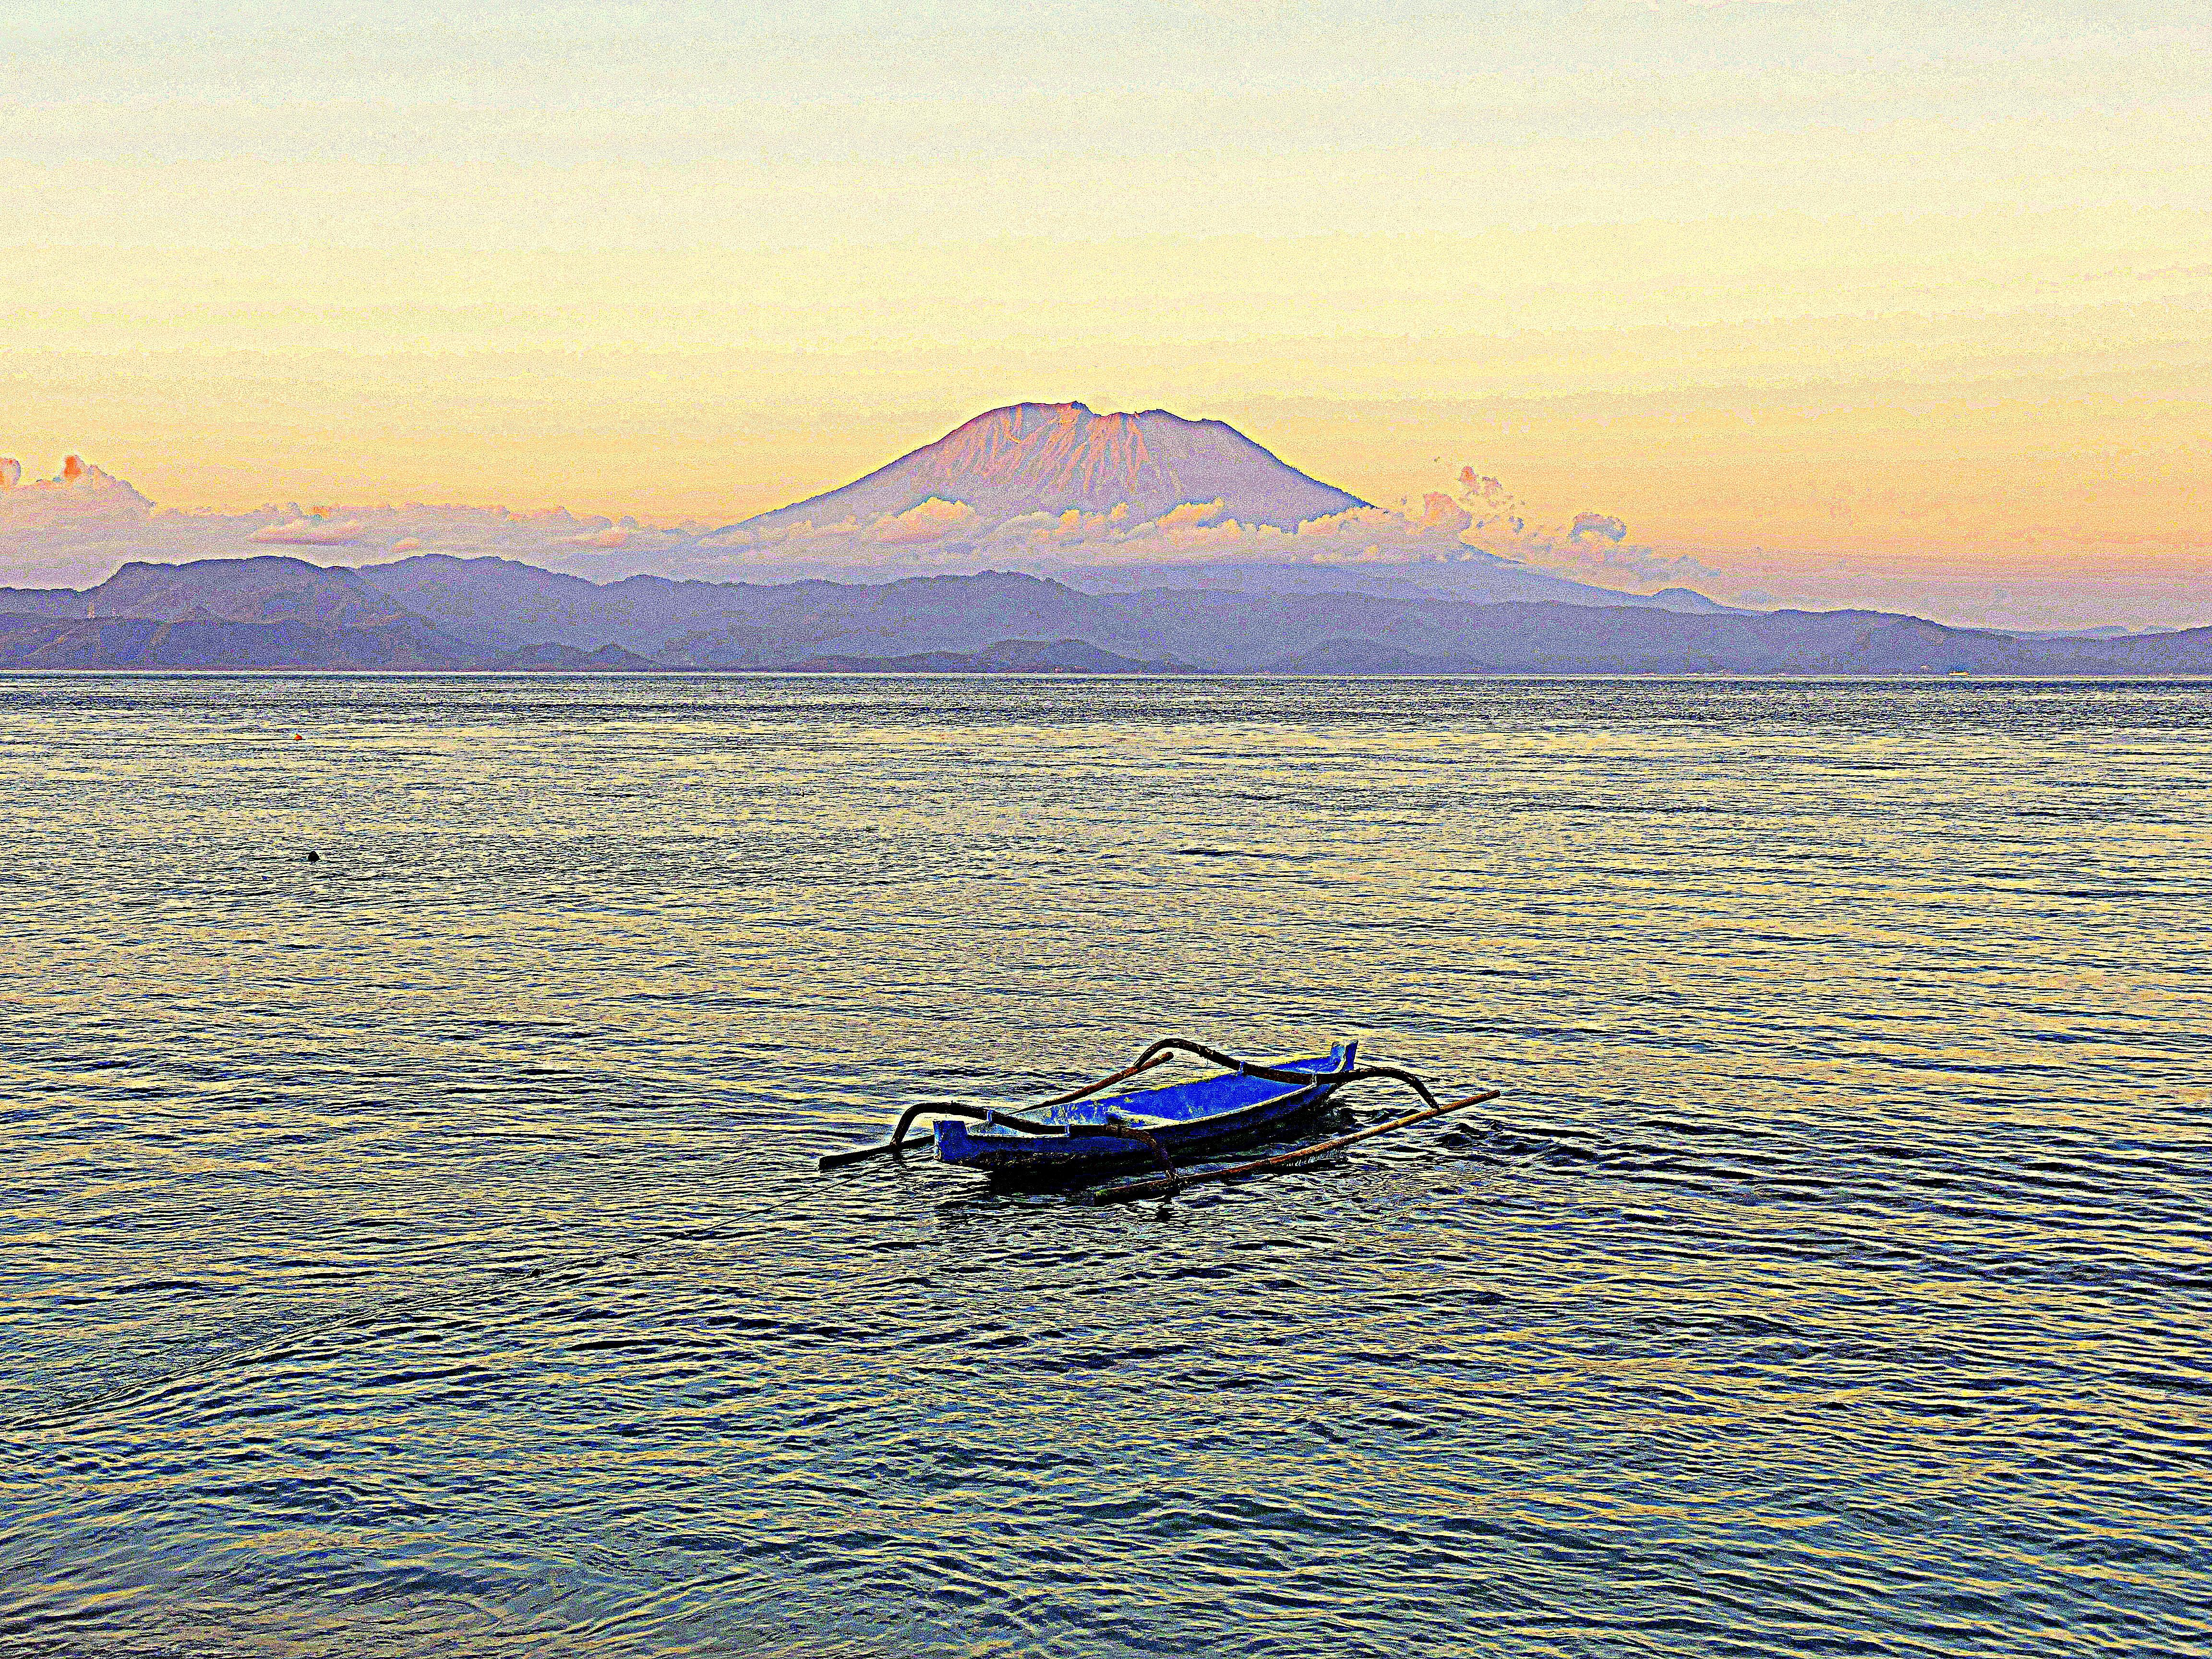 bali mare e vulcano